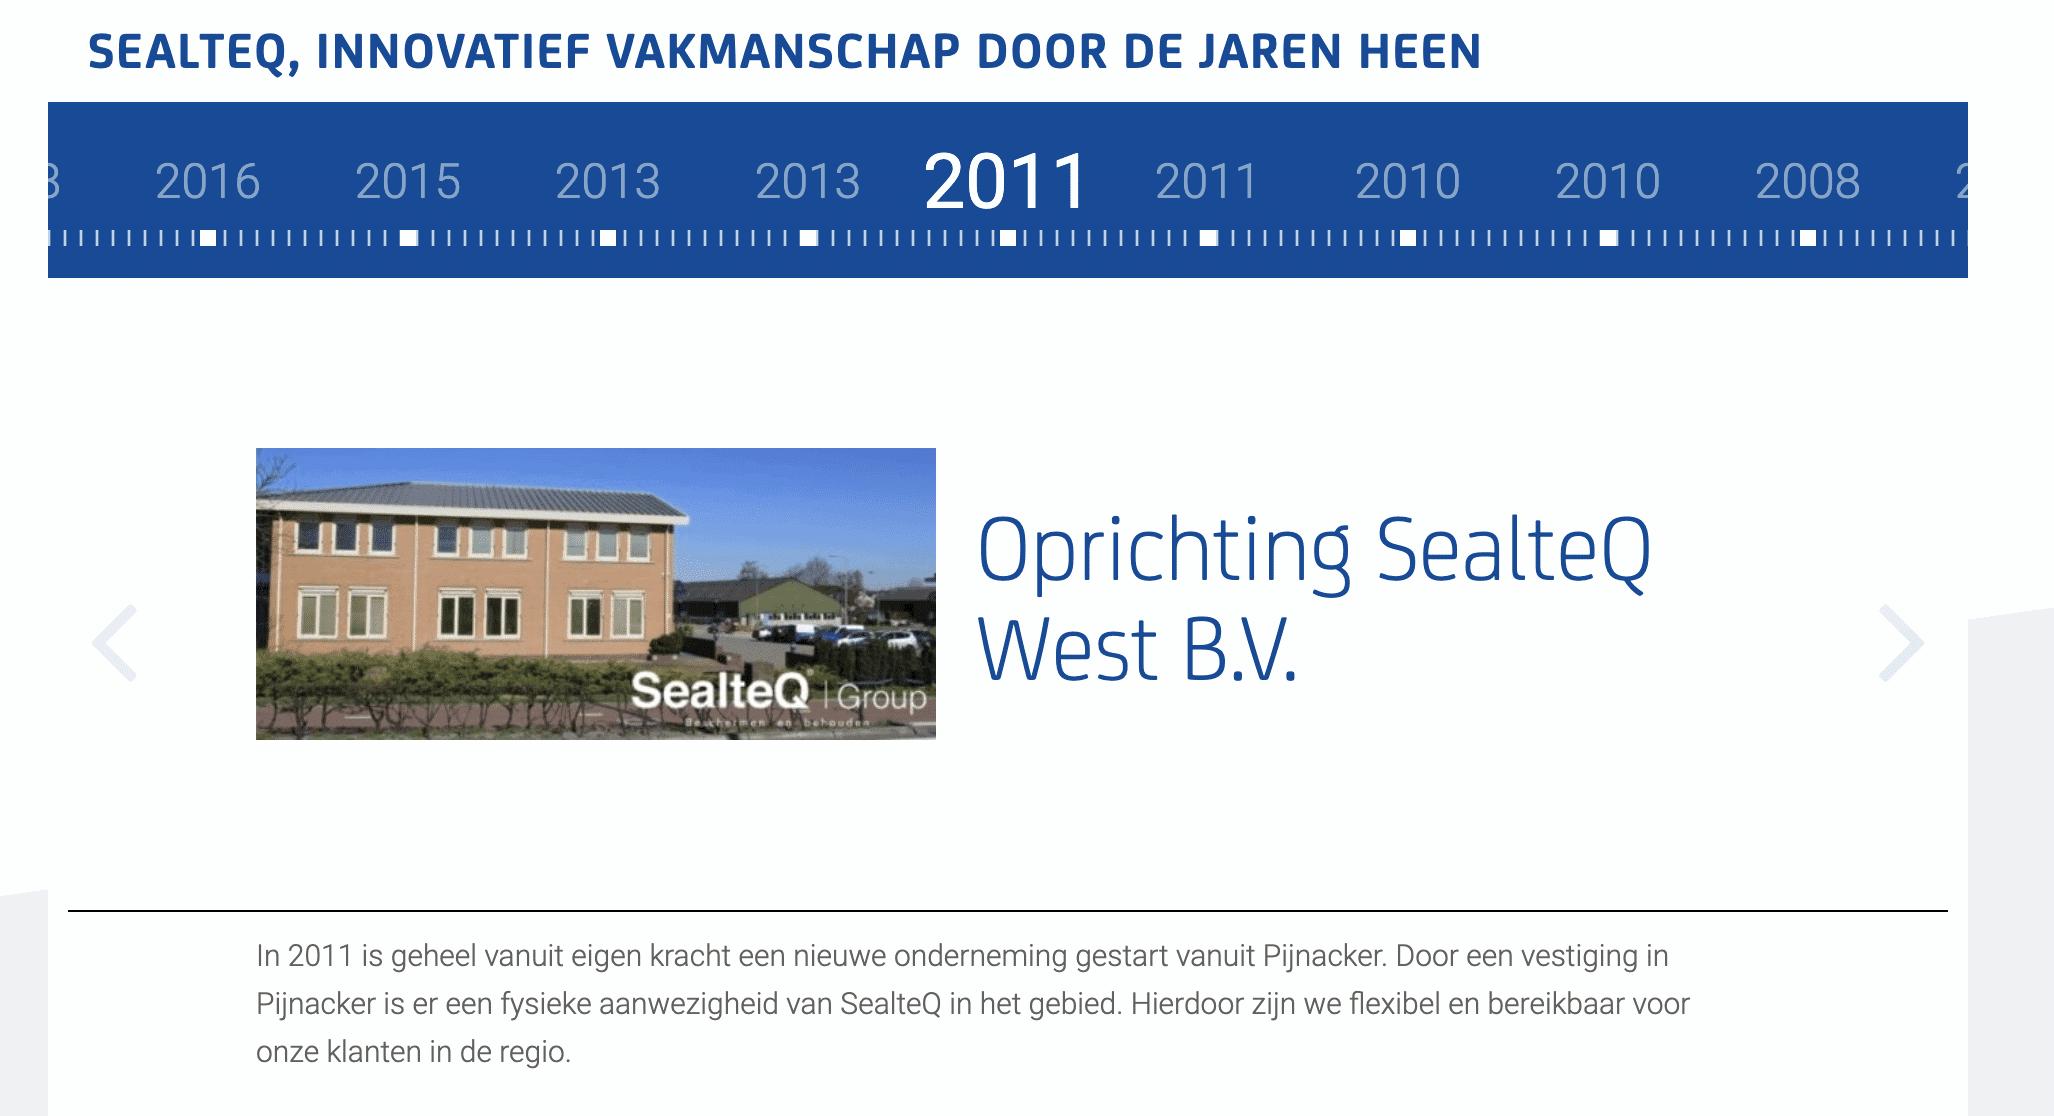 Een jubileum: SealteQ West bestaat tien jaar